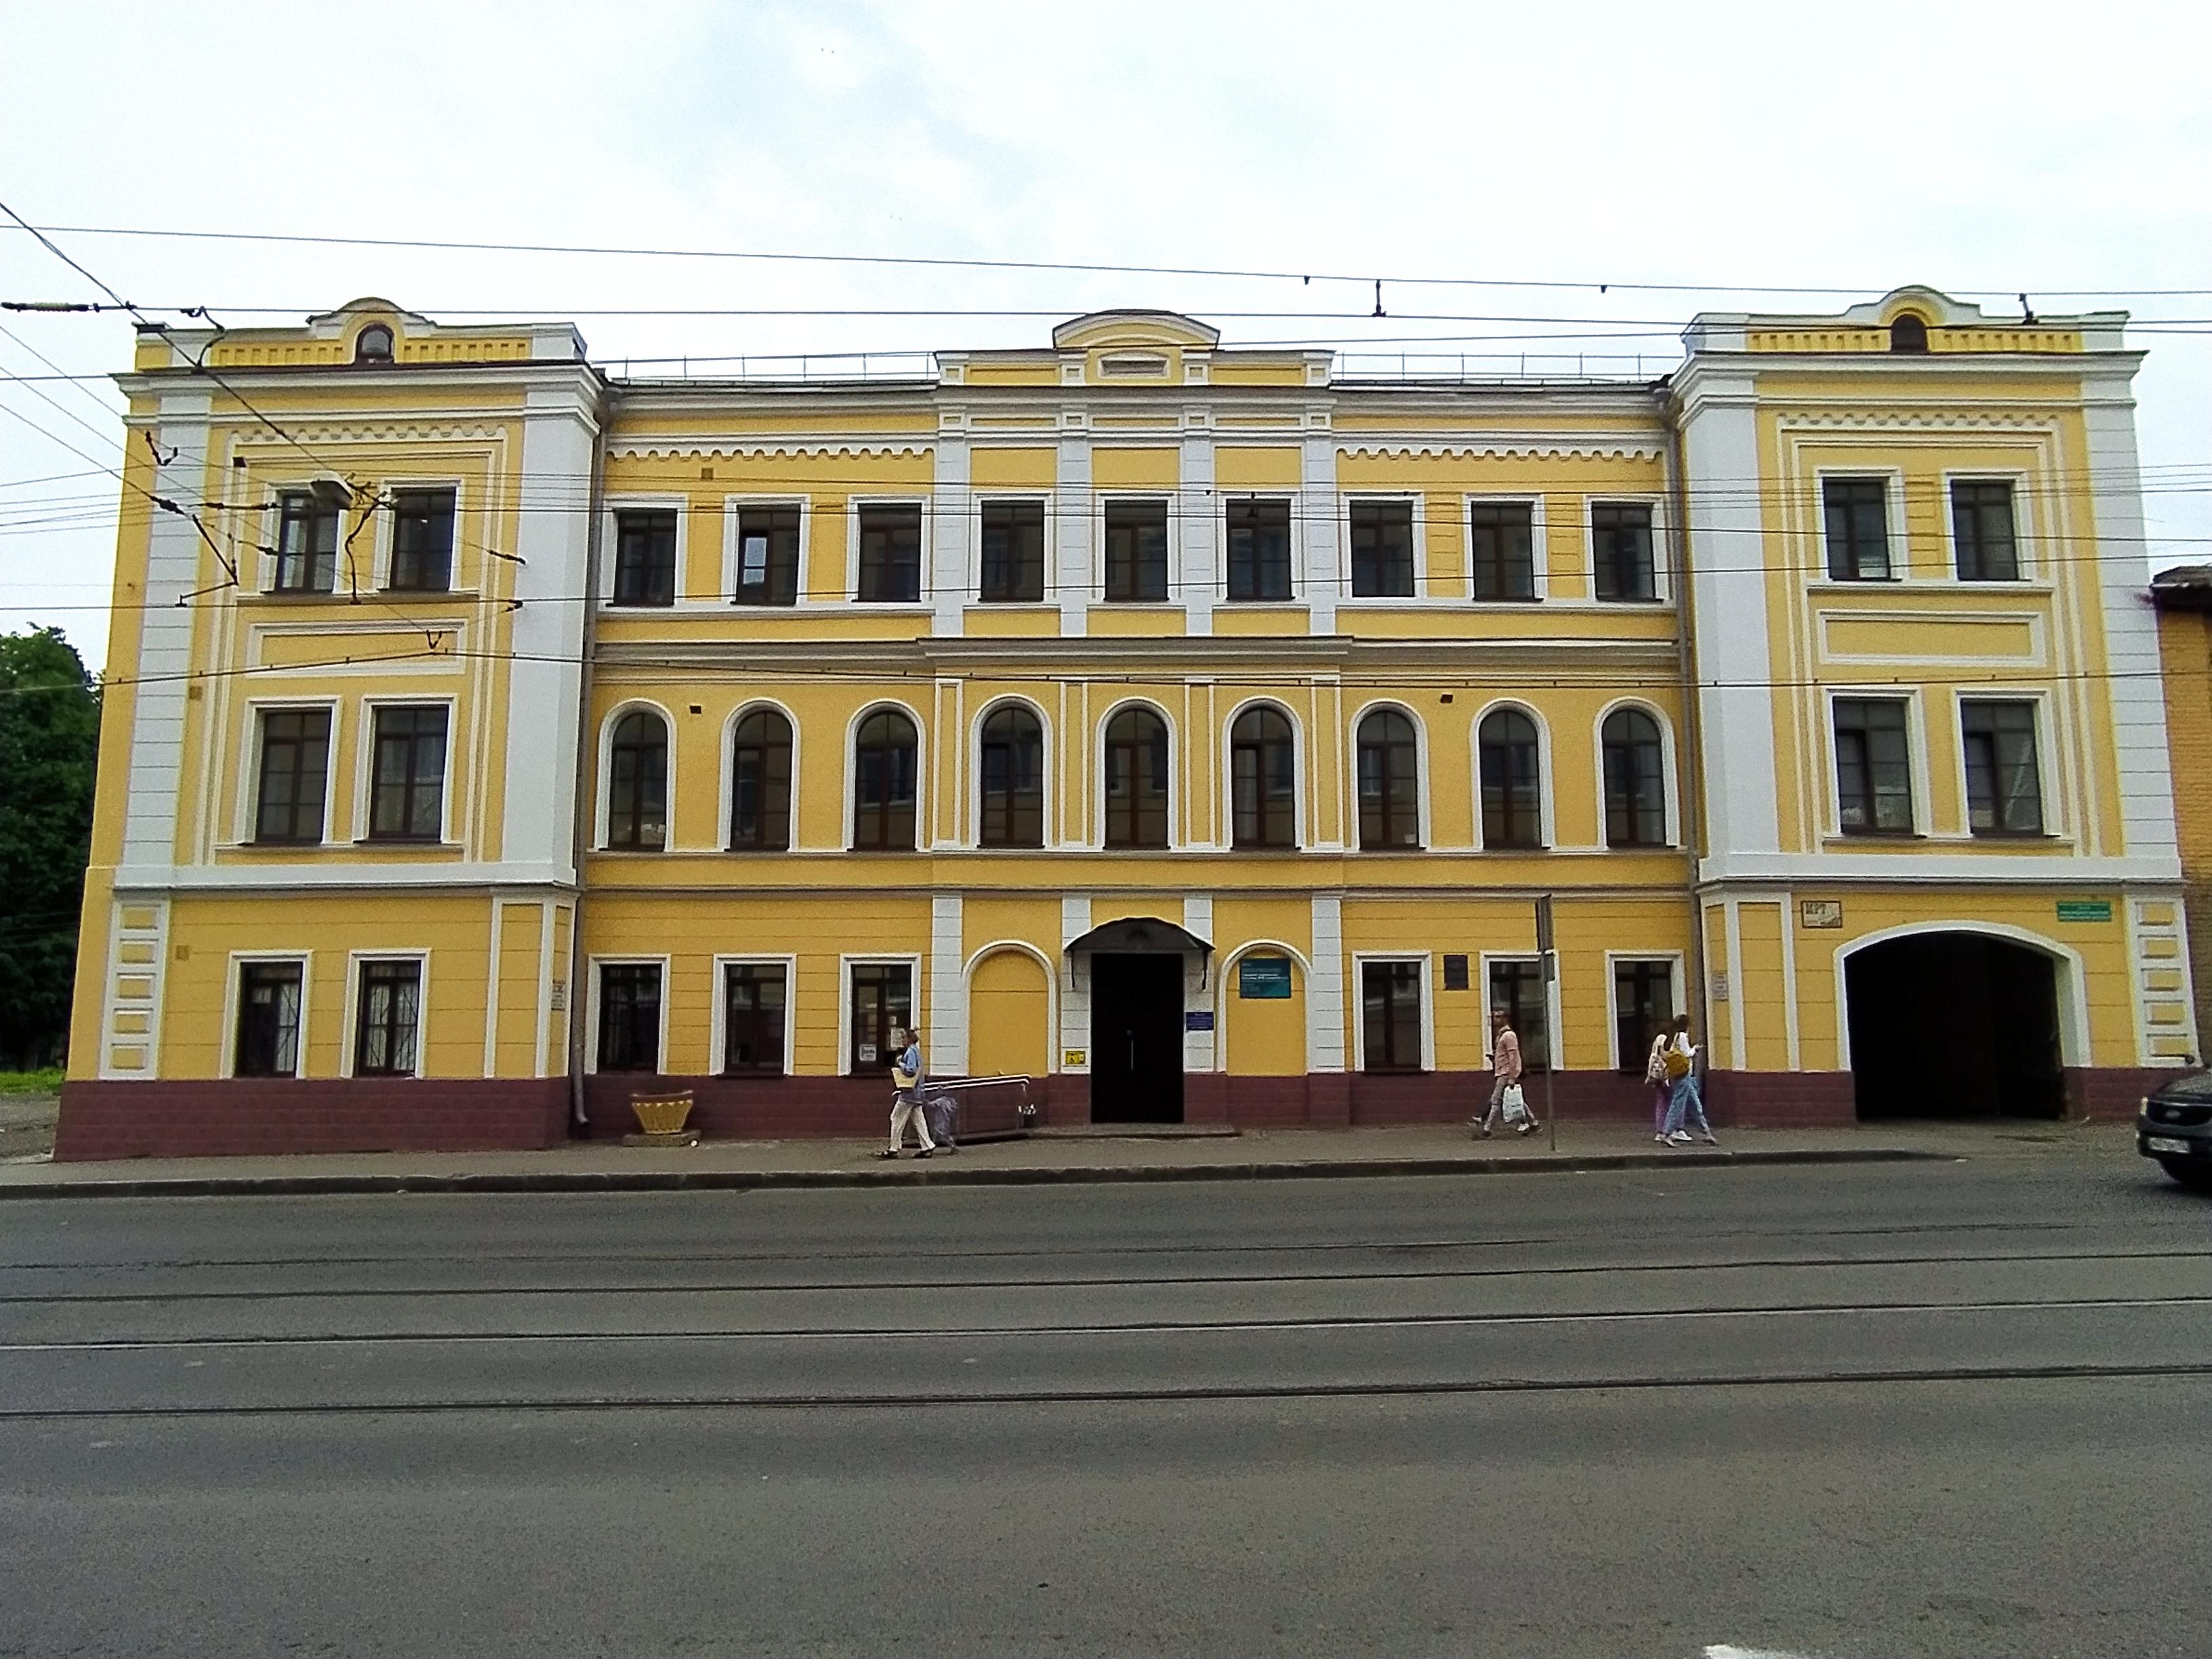 Ильинка 800: Реставрация, реновация и бесшумные трамваи - фото 5